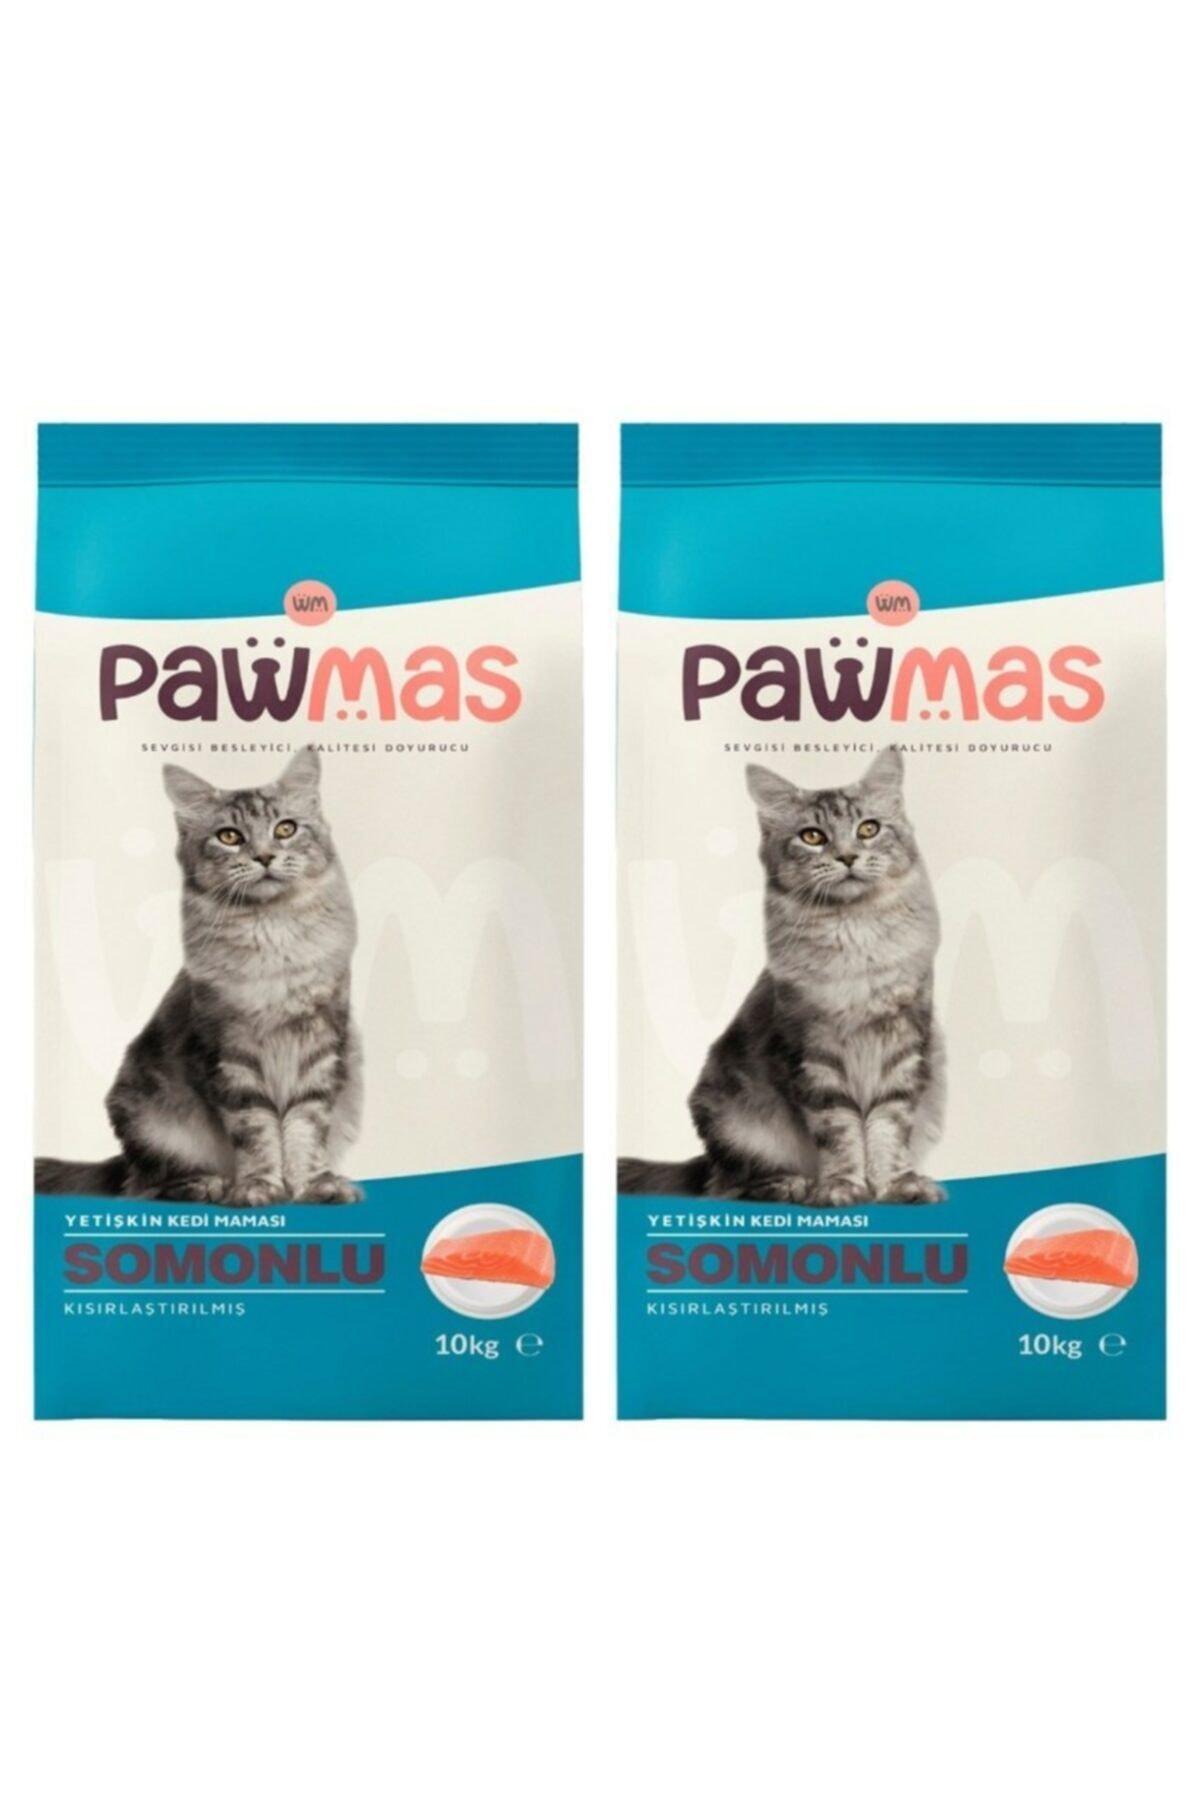 Somonlu Kısırlaştırılmış Yetişkin Kedi Maması 10 kg 2 Adet